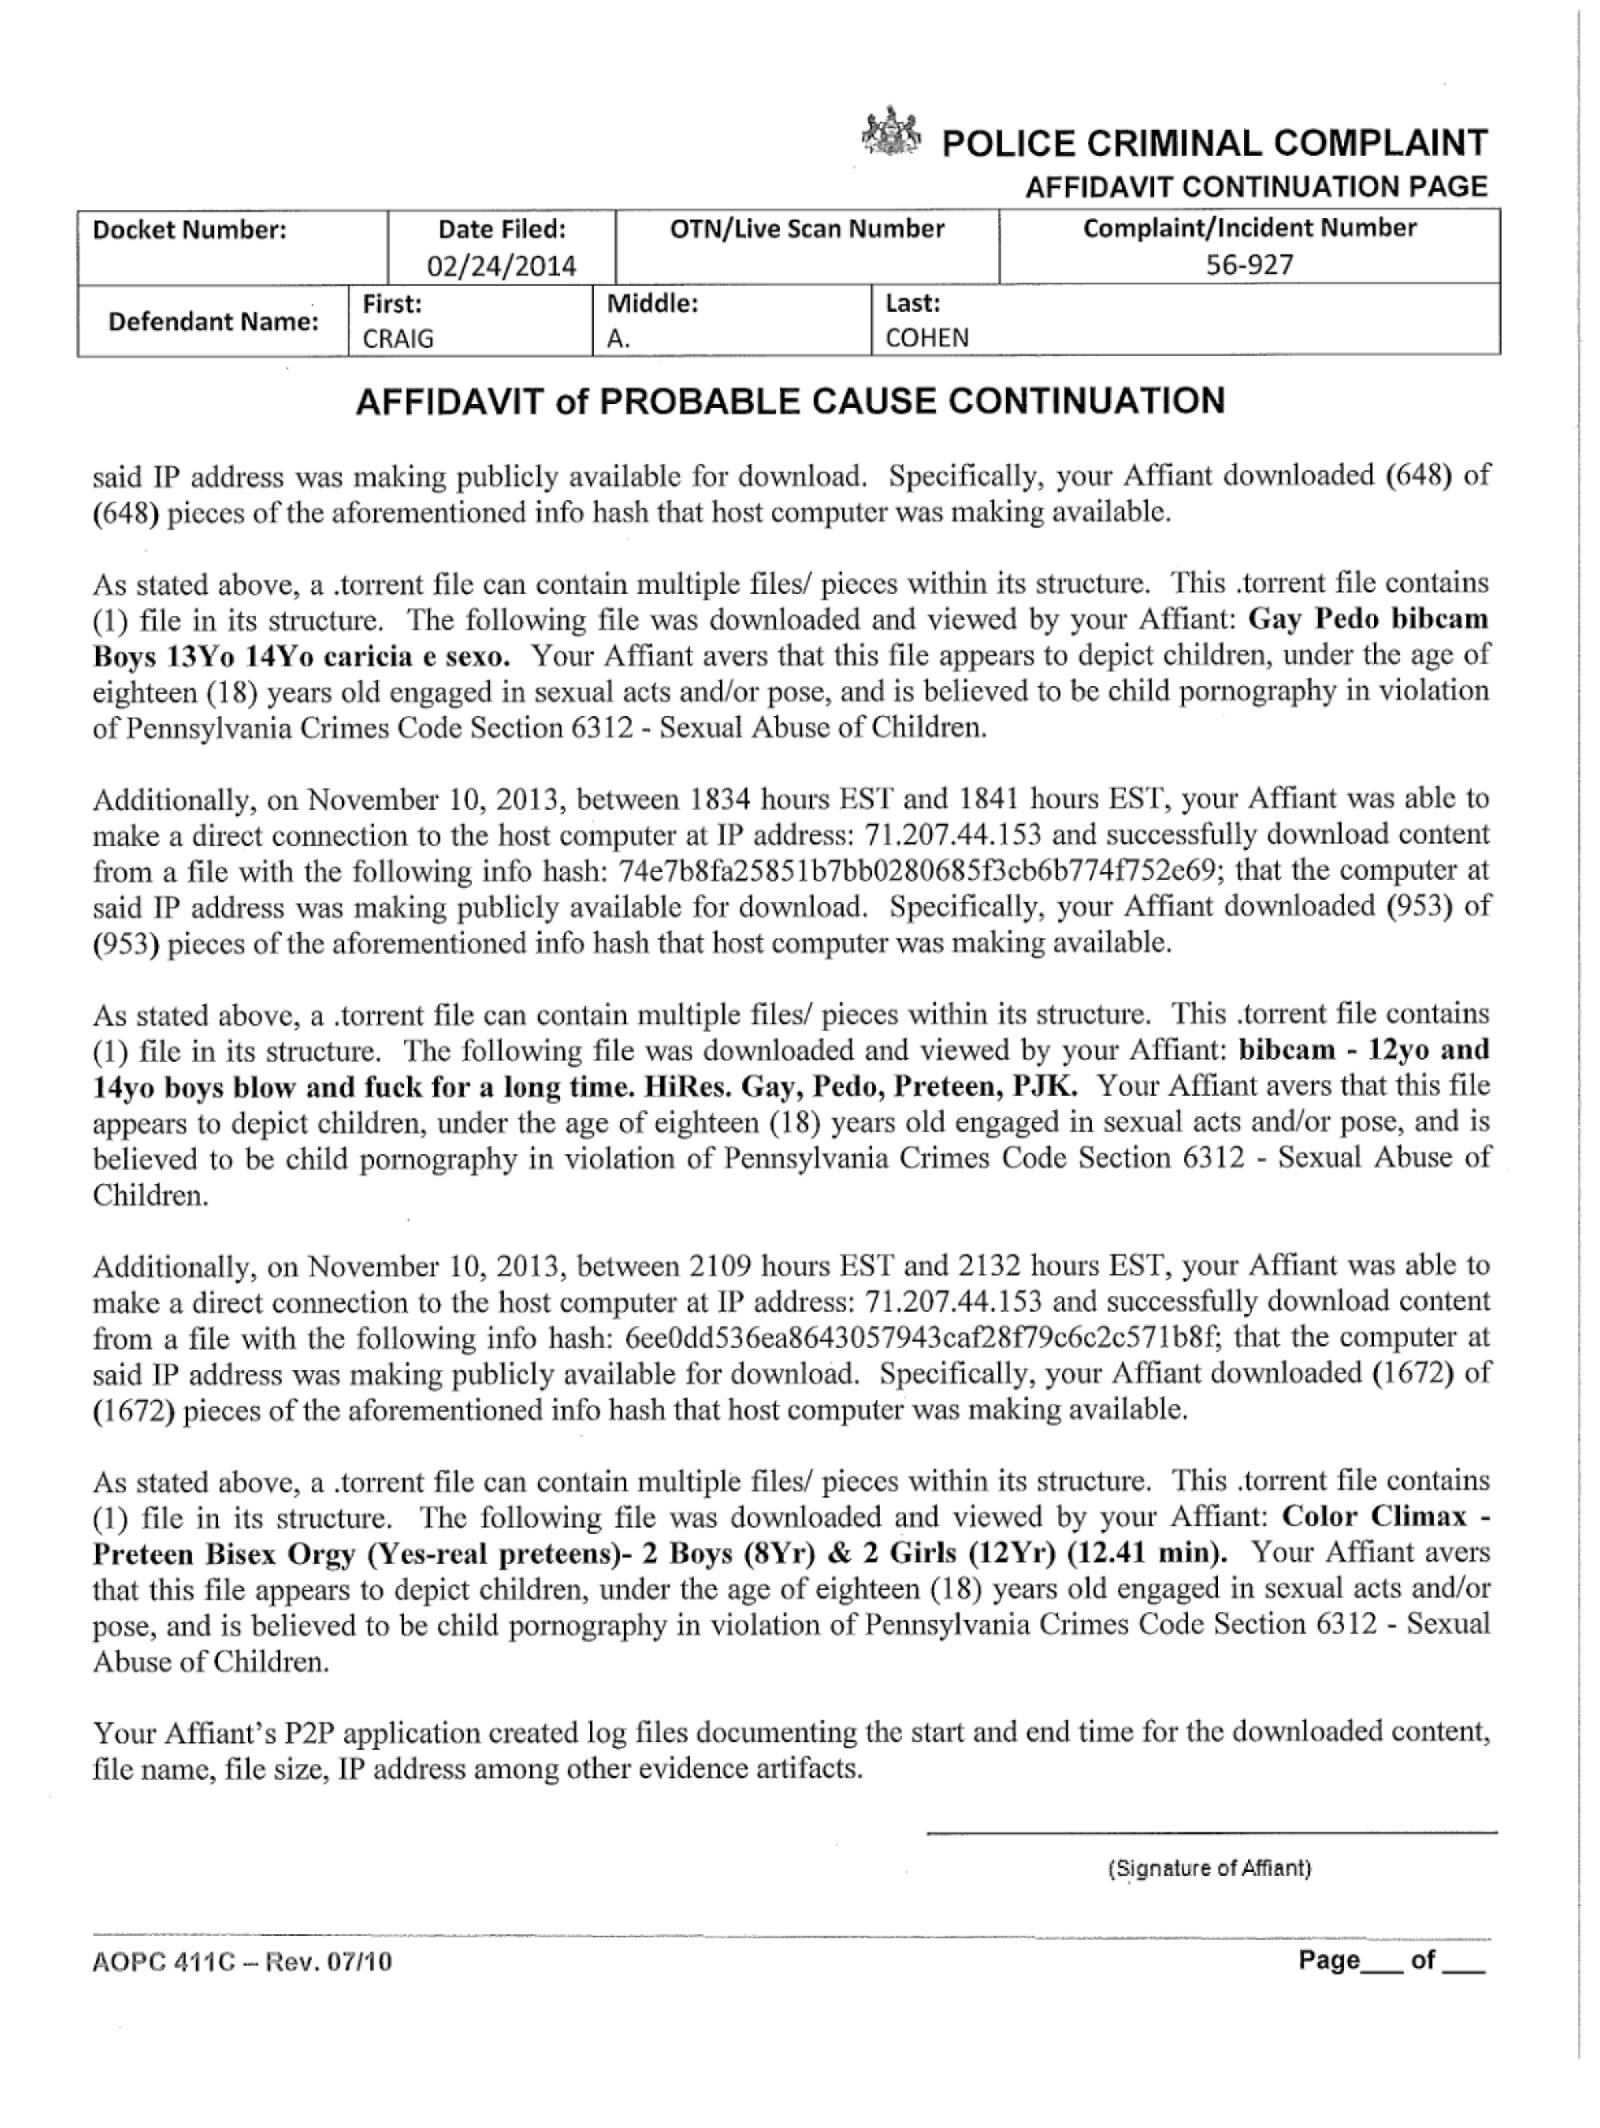 Copy of Cohen Craig Criminal Comnplaint08.png